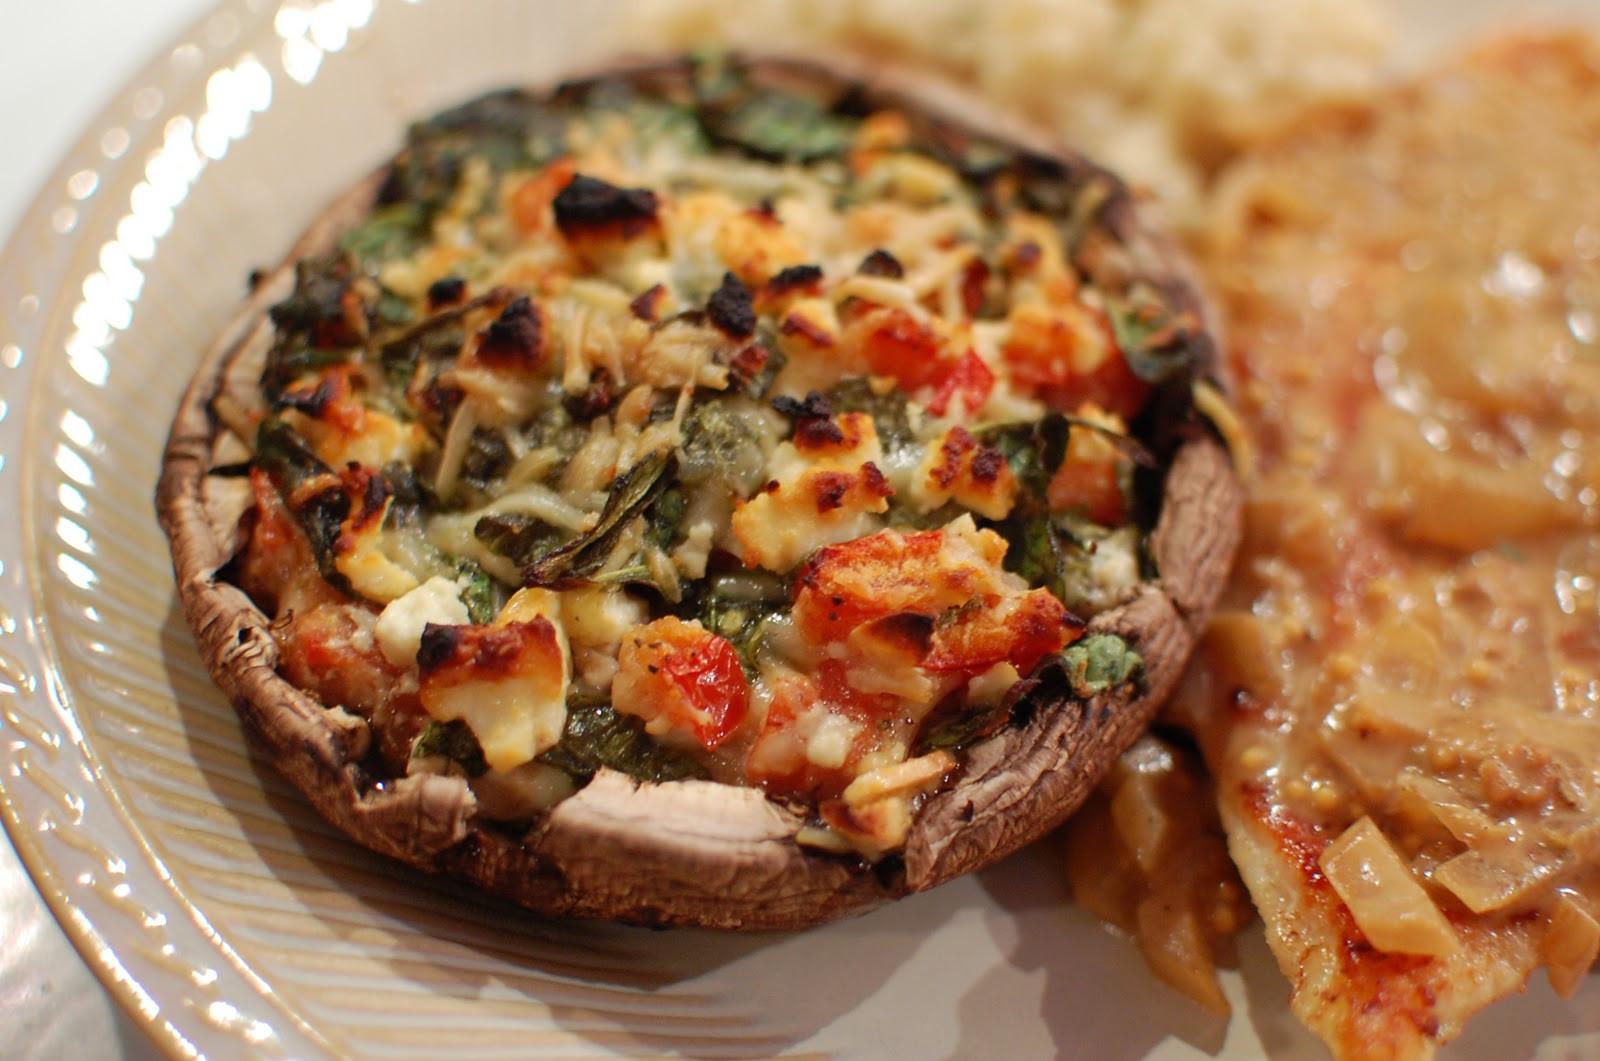 Stuffed Portabella Mushrooms  Food That Rocks Spinach & Feta Stuffed Portabella Mushrooms